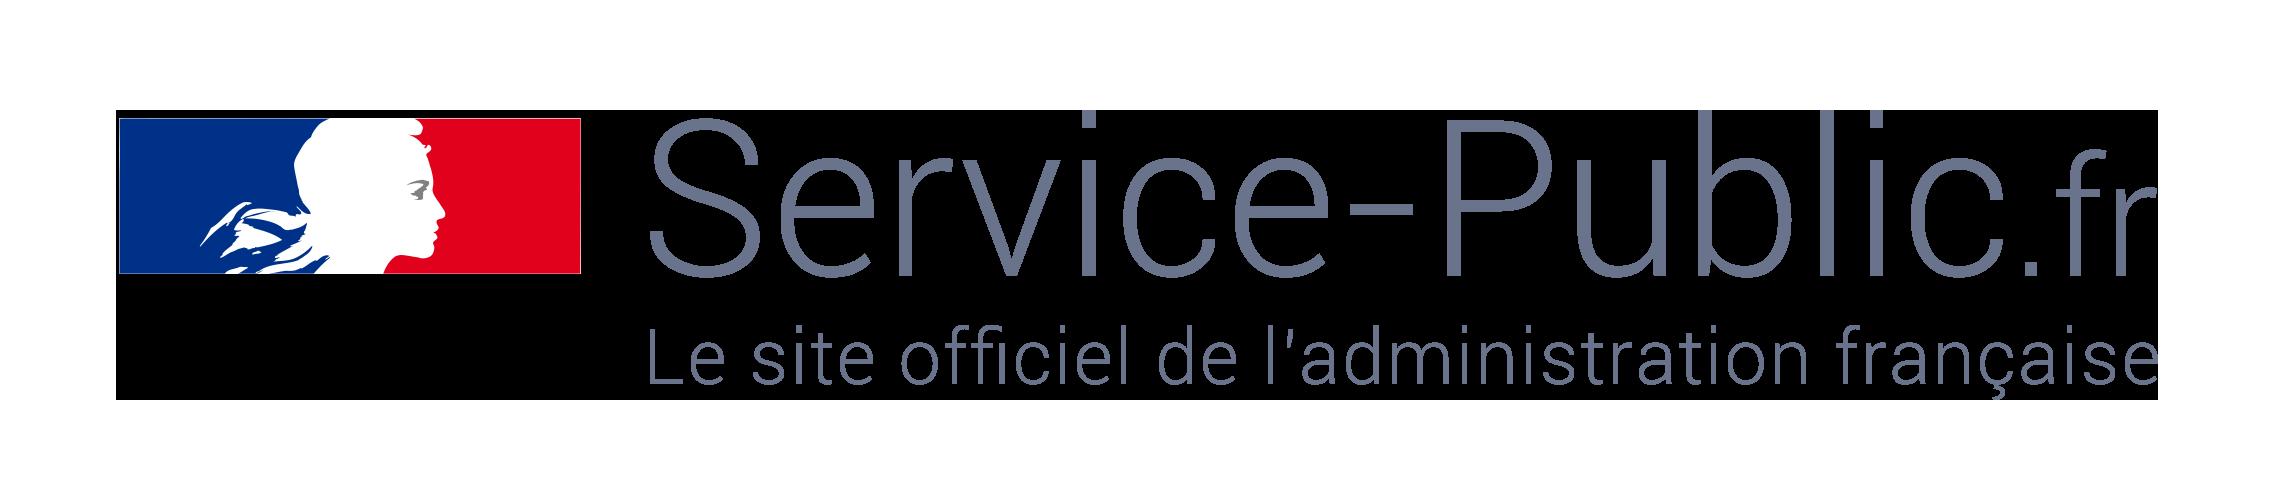 Démarches administratives : logo service public